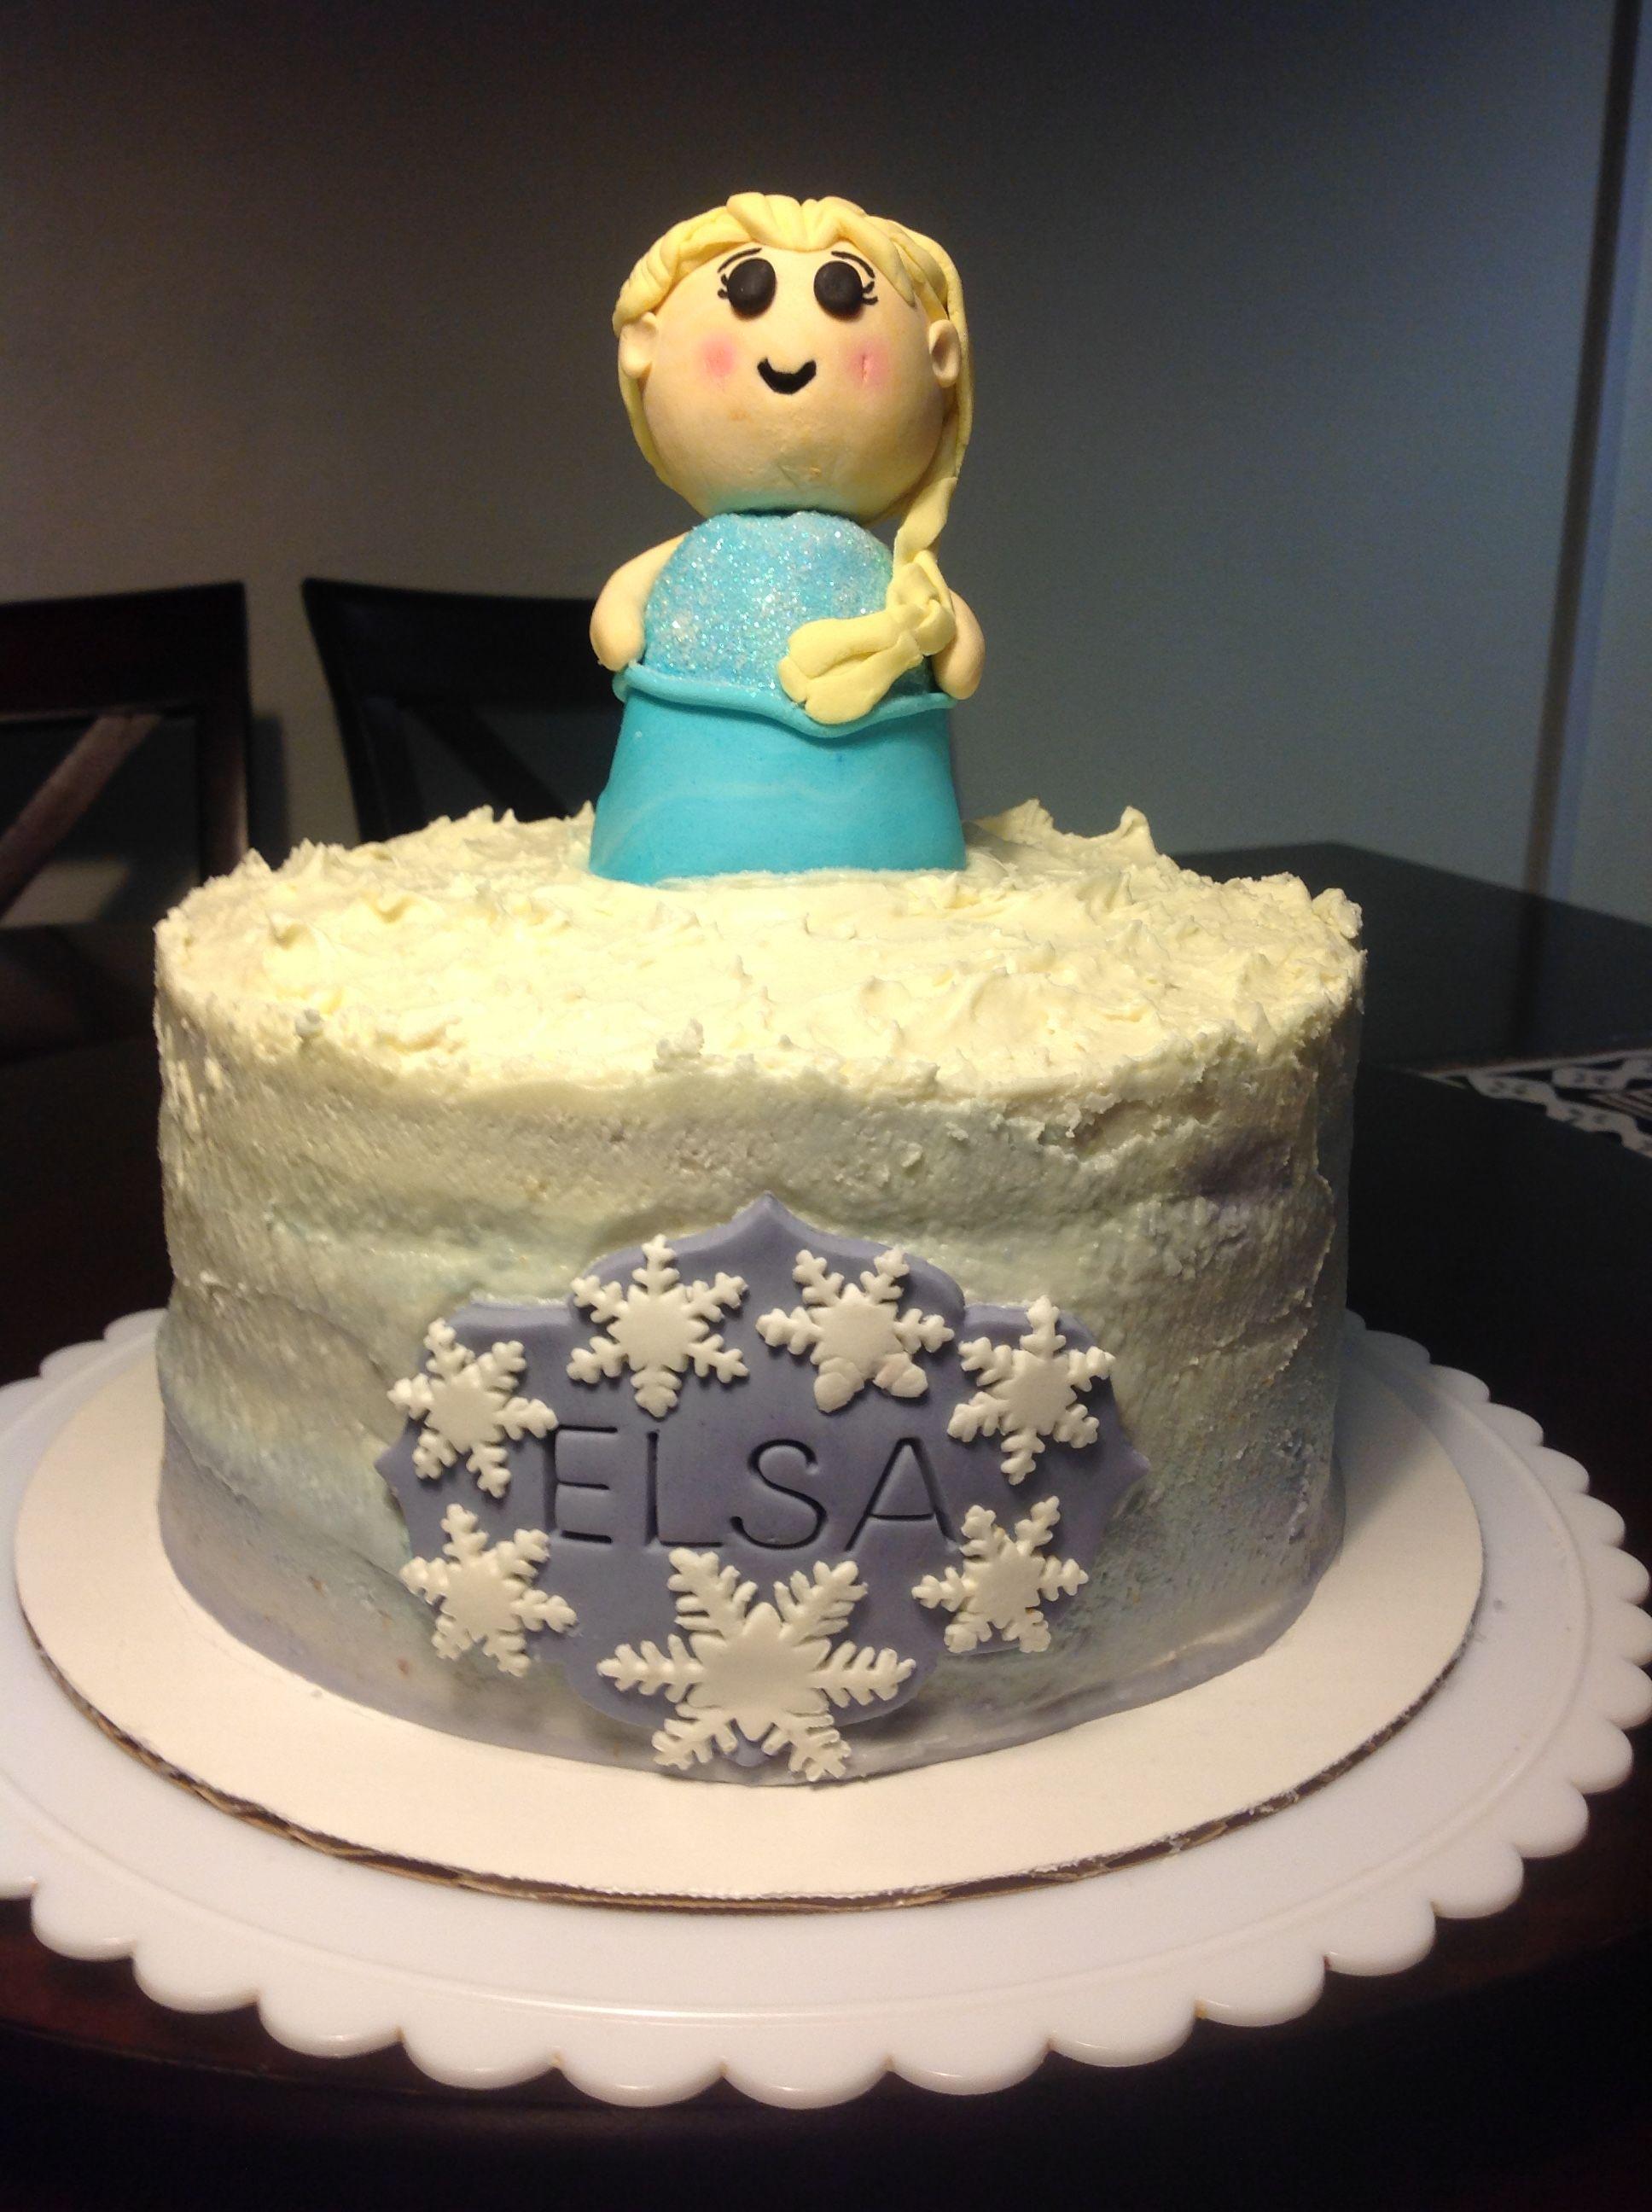 Elsa cake for a little girl named elsa how very